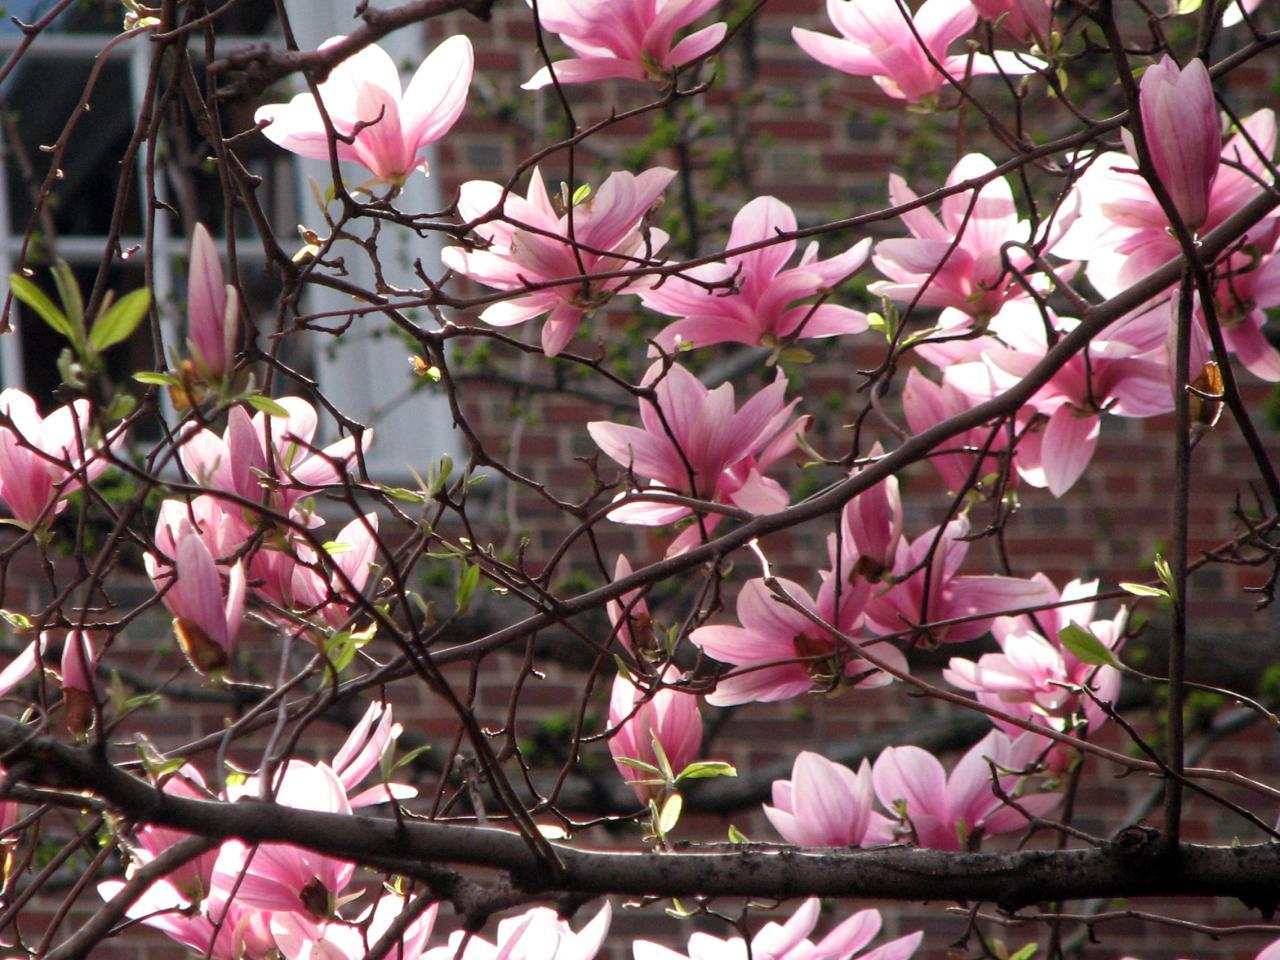 04.16.09 Magnolias